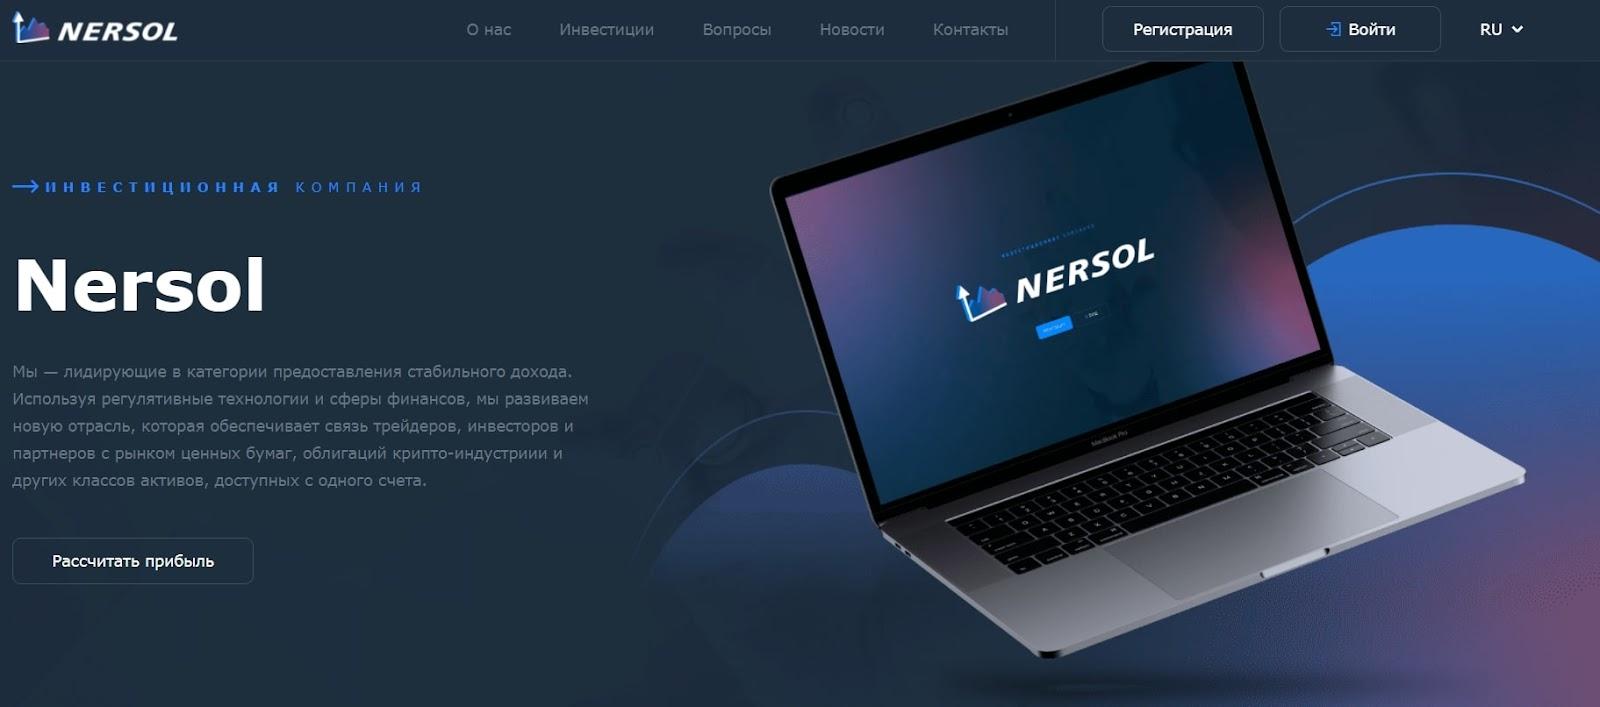 Стоит ли вкладывать деньги в Nersol: обзор инвестпроекта, отзывы